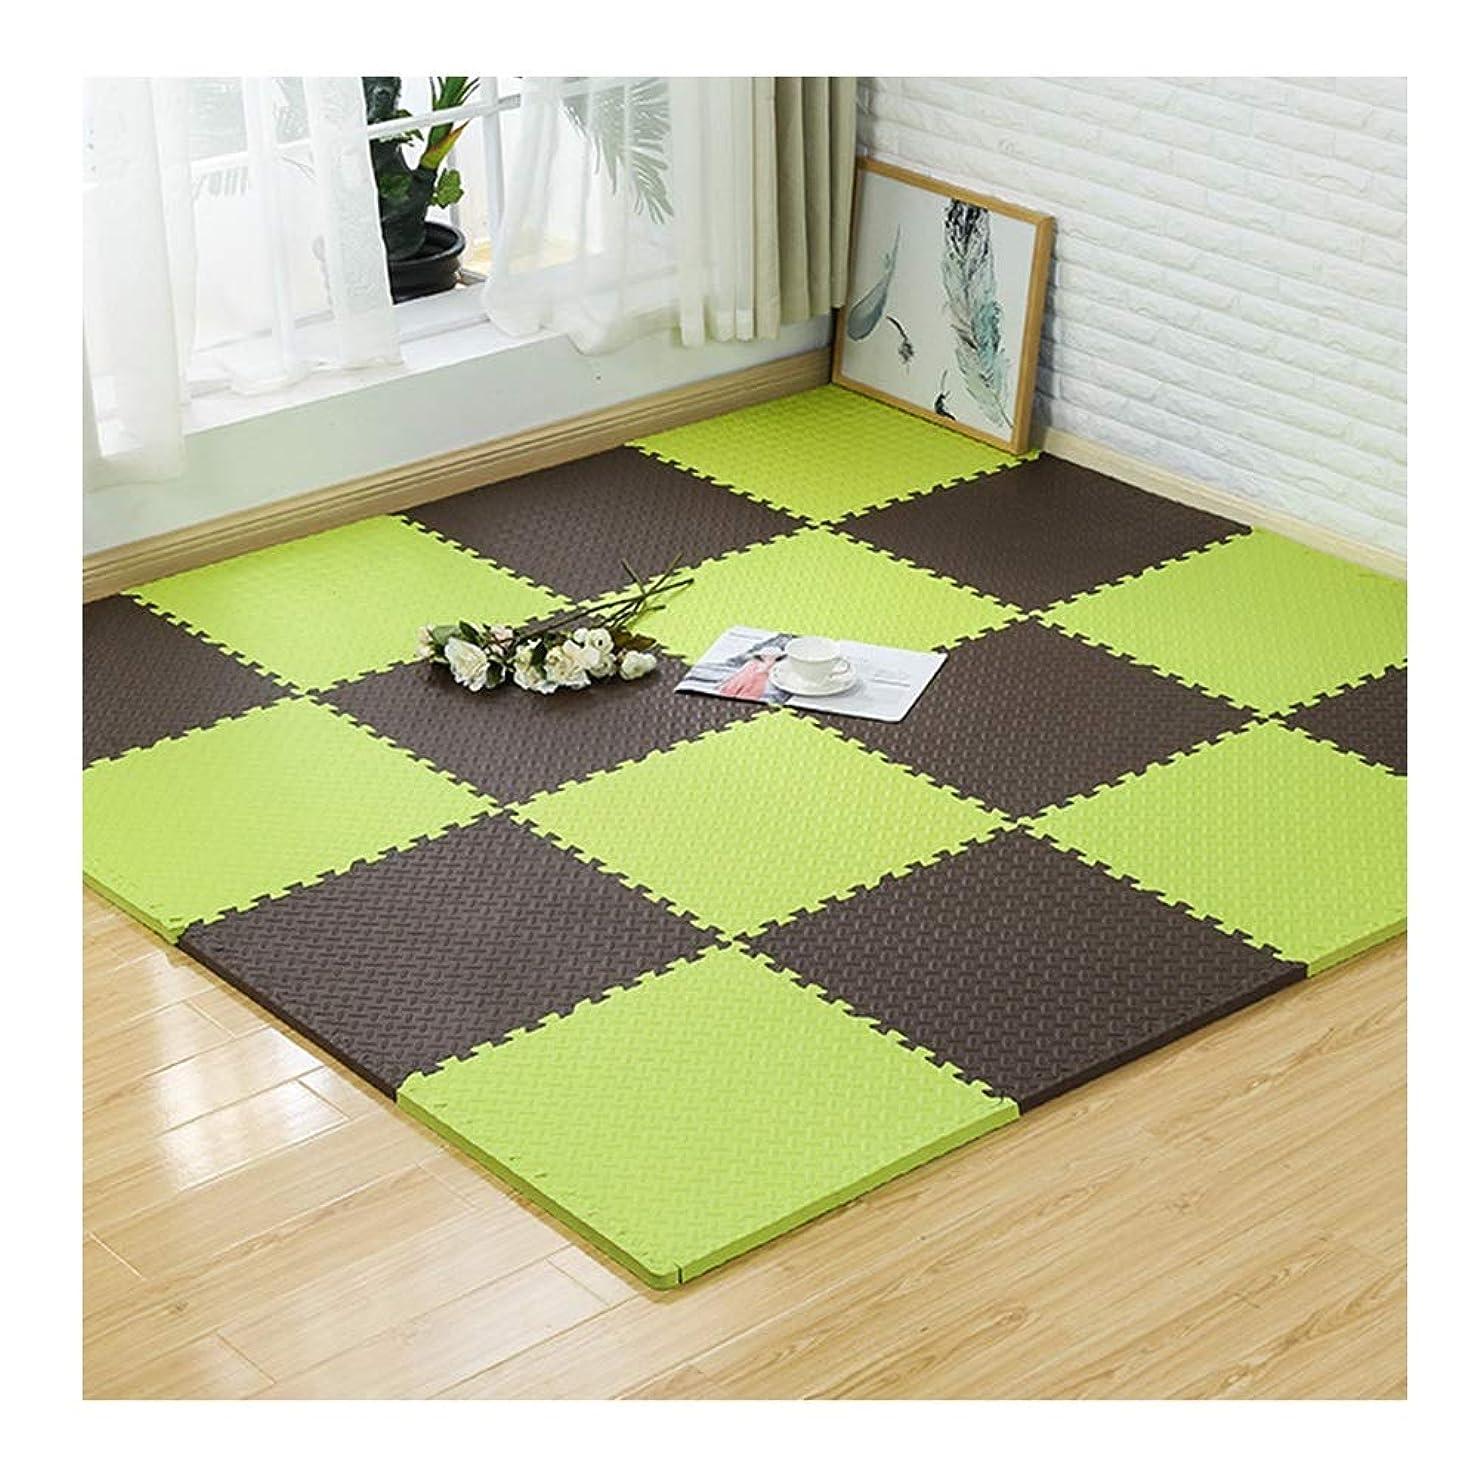 倒錯の間で豊富にWUZMING ジョイントマット連動タイルマルチカラーステッチ屋内床保護マット防水お手入れが簡単環境EVA (Color : B, Size : 30x30x1.2cm-36pcs)